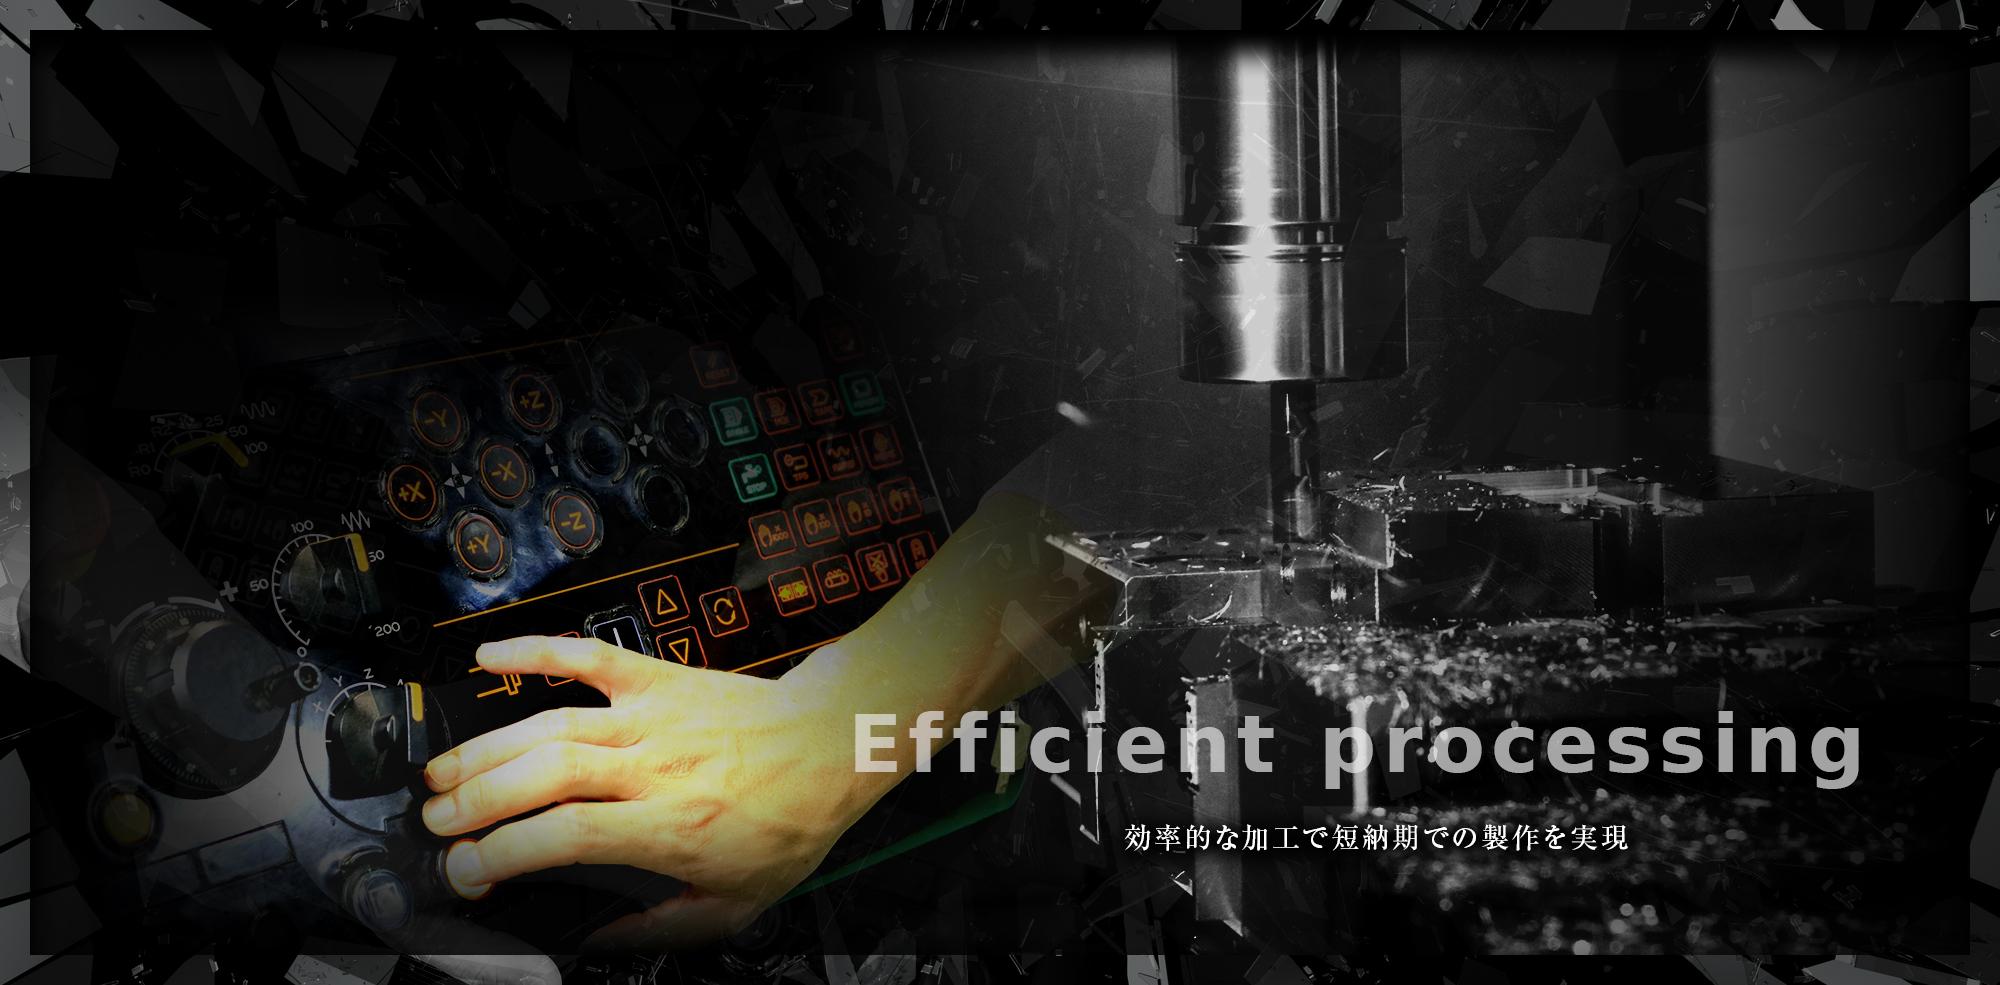 効率的な加工で短納期での製作を実現